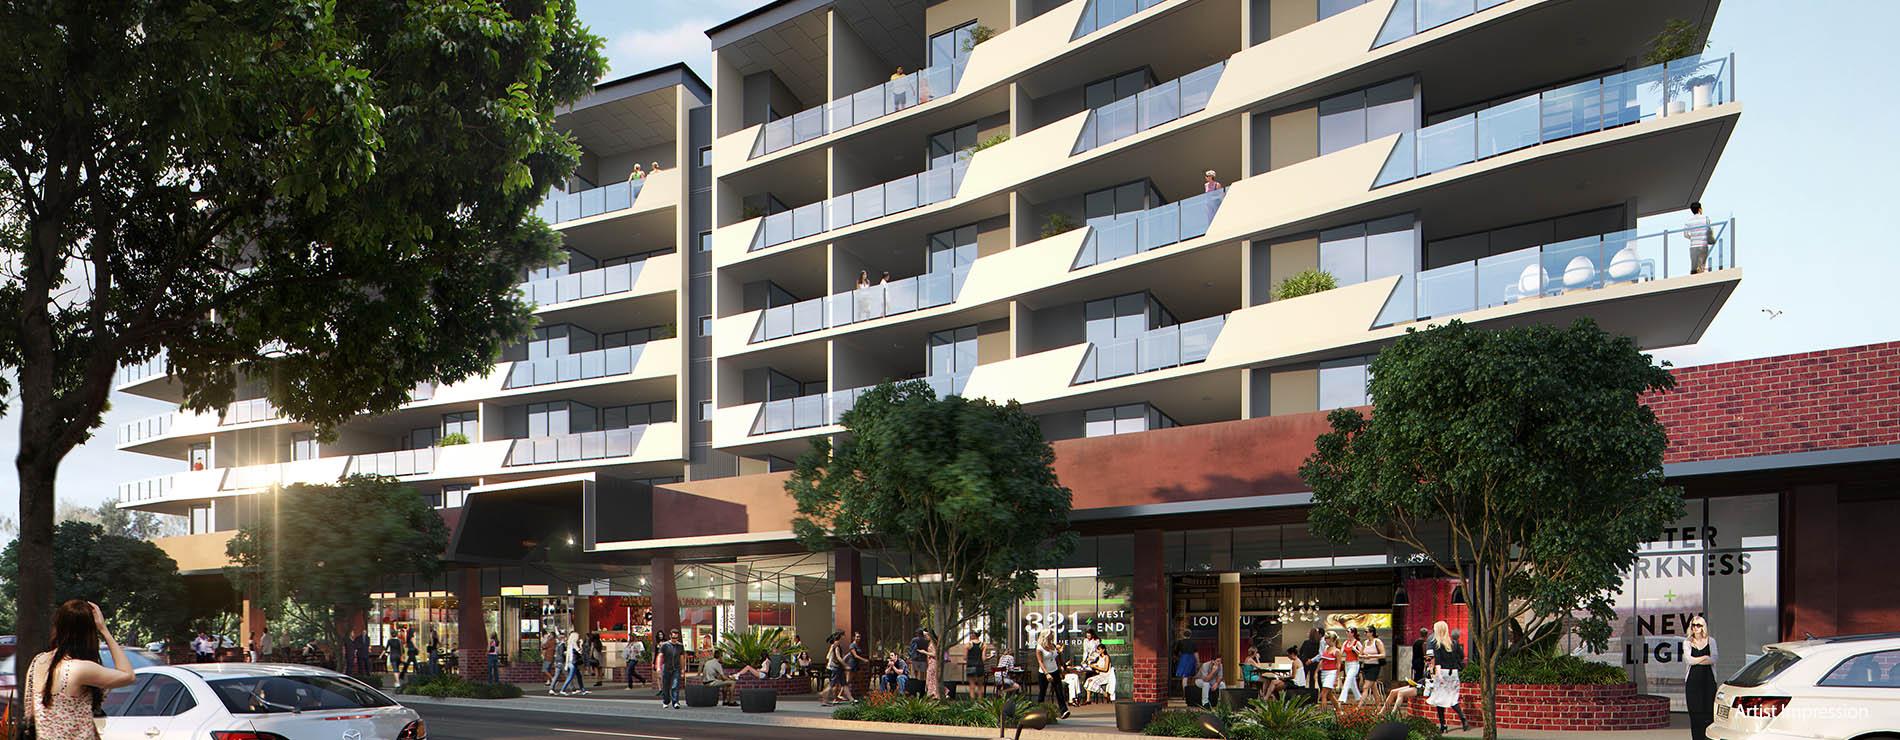 Excellent Caravanserai West End Brisbane  UrbanspoonZomato